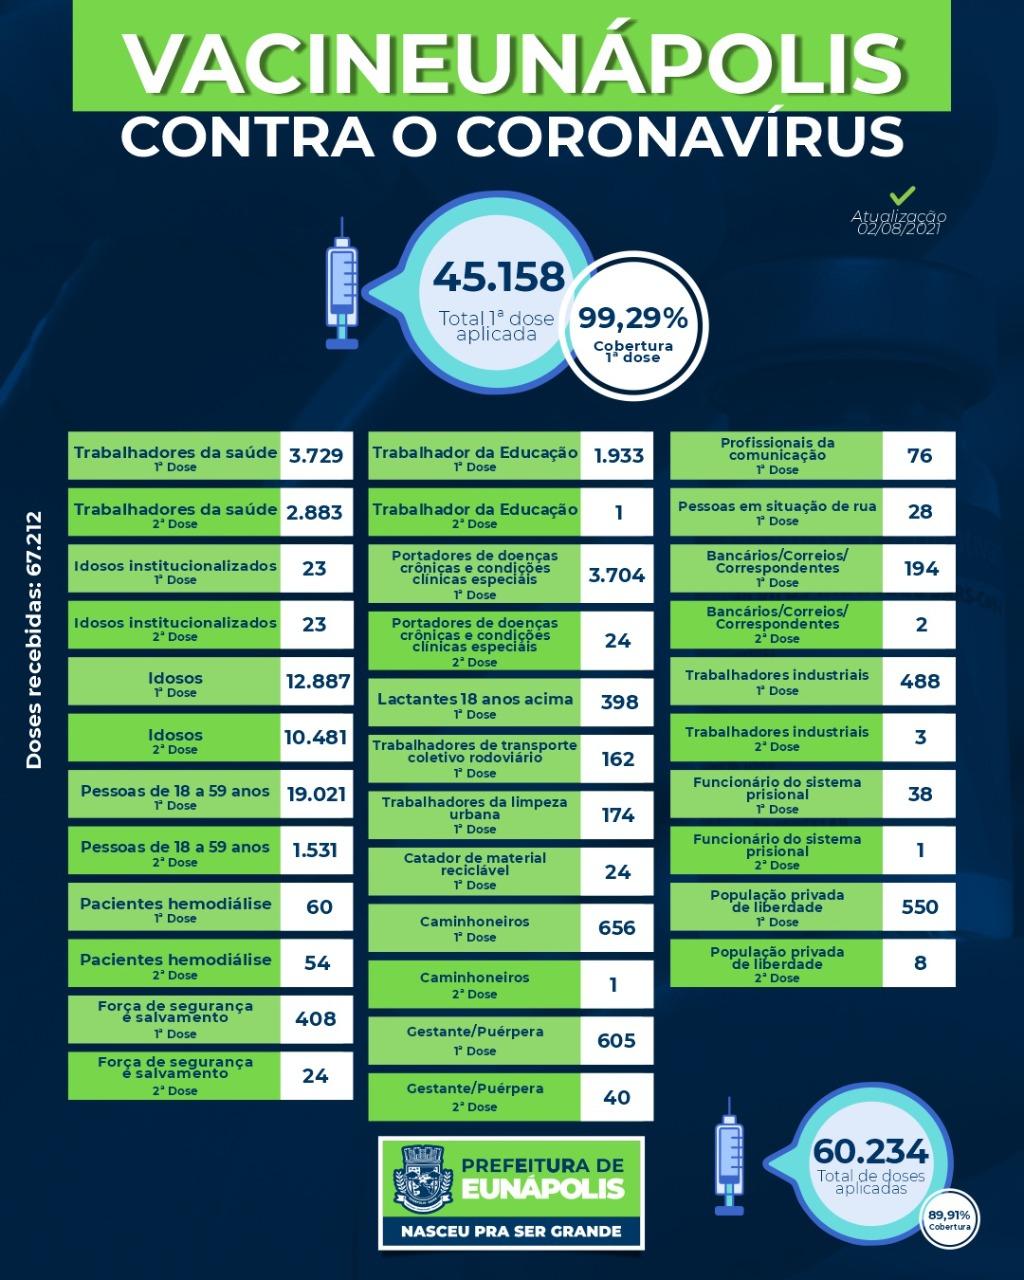 Eunápolis: A secretaria municipal de Saúde aplicou até esta segunda-feira (02/08) 60.234 doses da vacina contra o coronavírus. 18